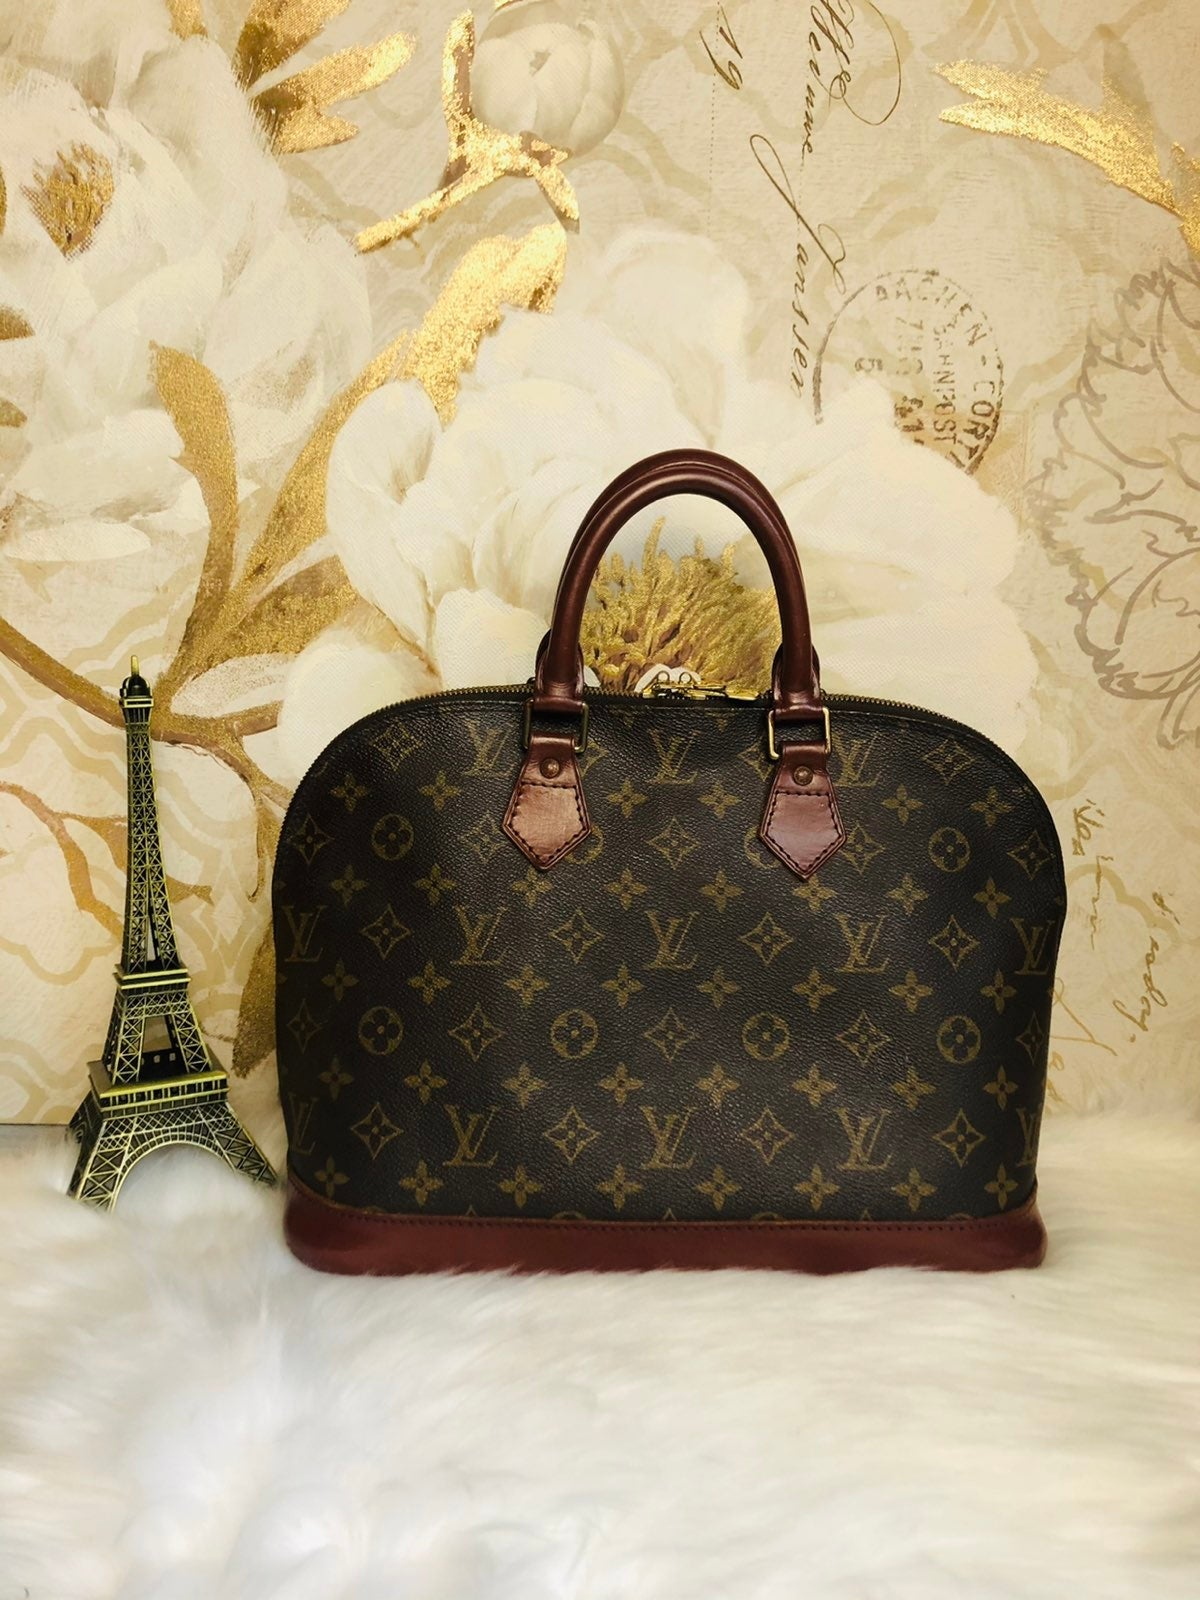 Authentic Louis Vuitton Alma PM Hand Bag